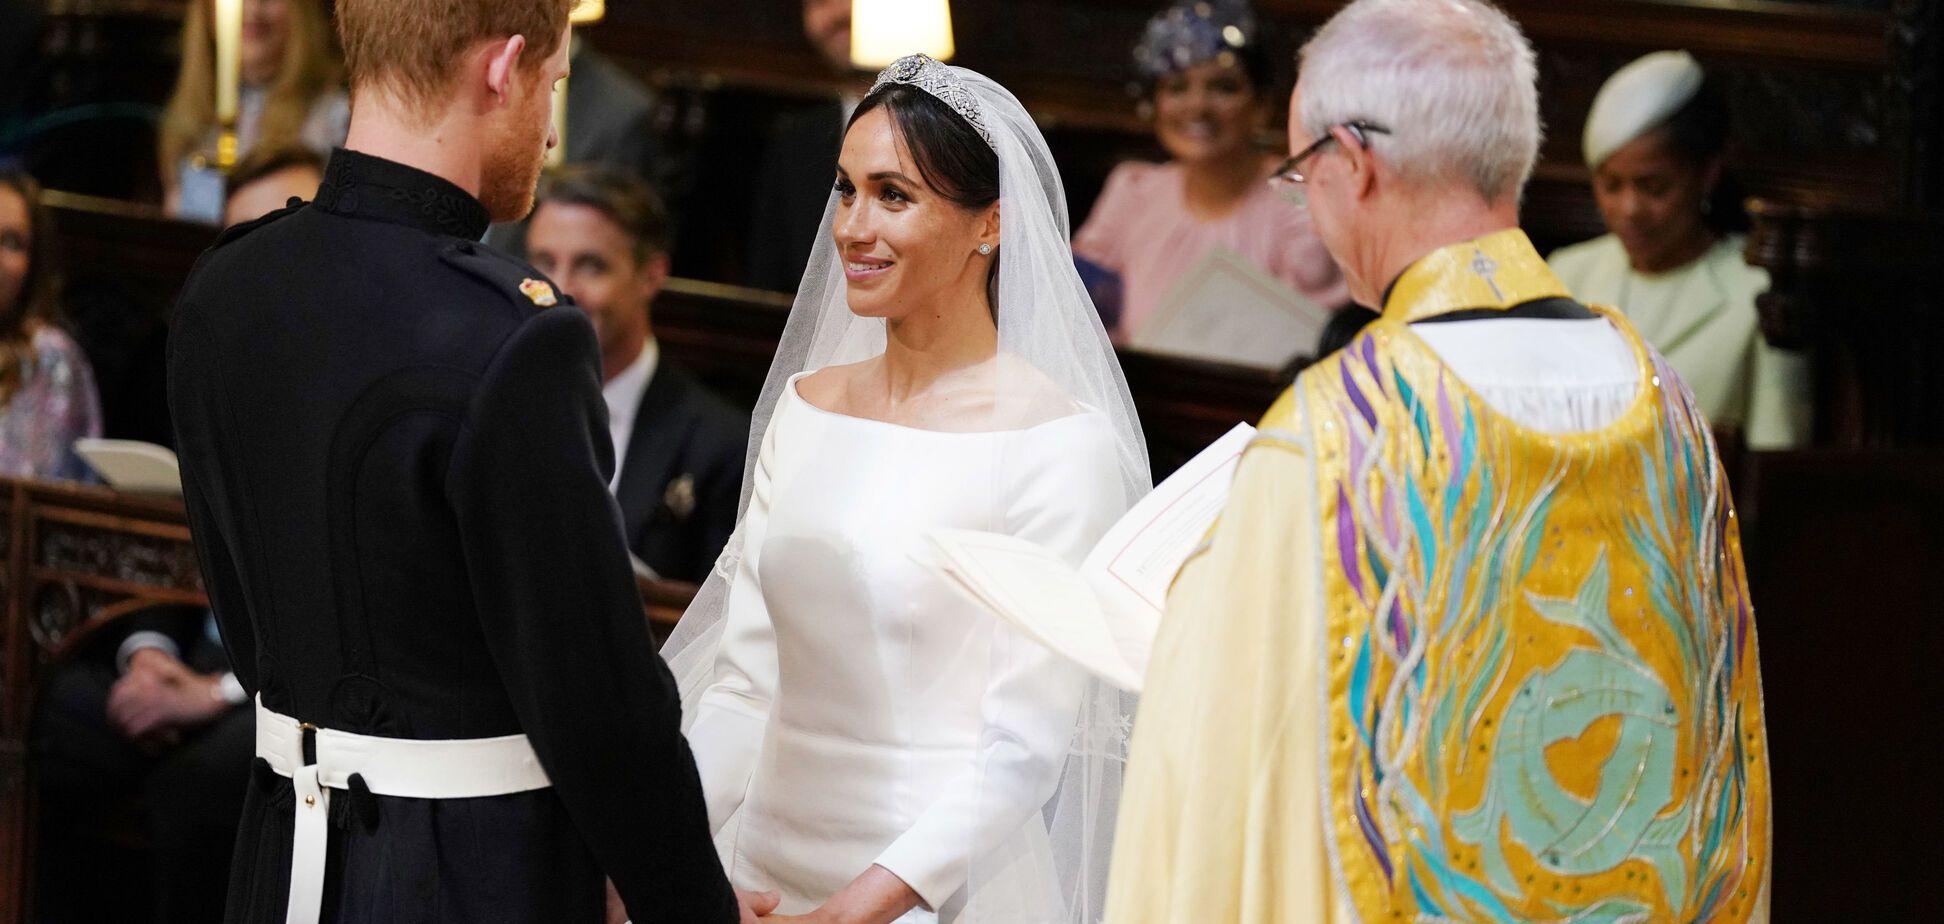 Свадьба принца Гарри и Меган Маркл: появилась интригующая подробность о вечеринке